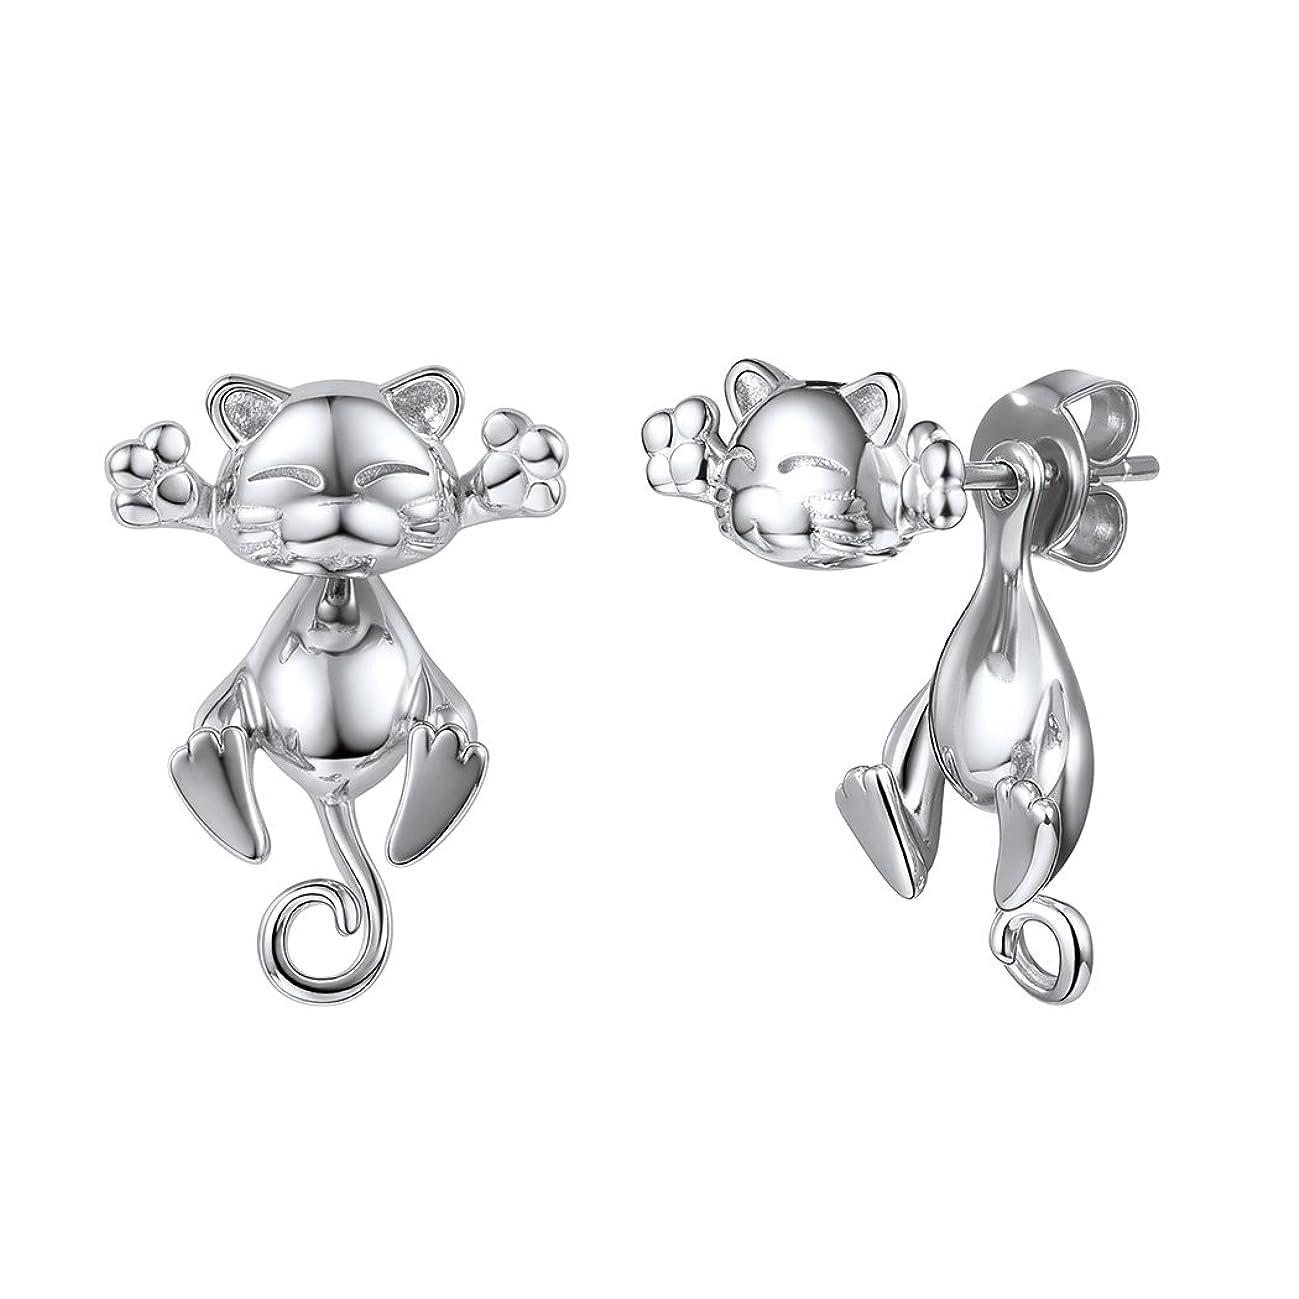 SILVERCUTE 925 Silver Cute Pig/Panda Bear/Dog/Cat Earrings Stud Solid Sterling Jewelry Kiss me Hug Me 3D Kitten Earring